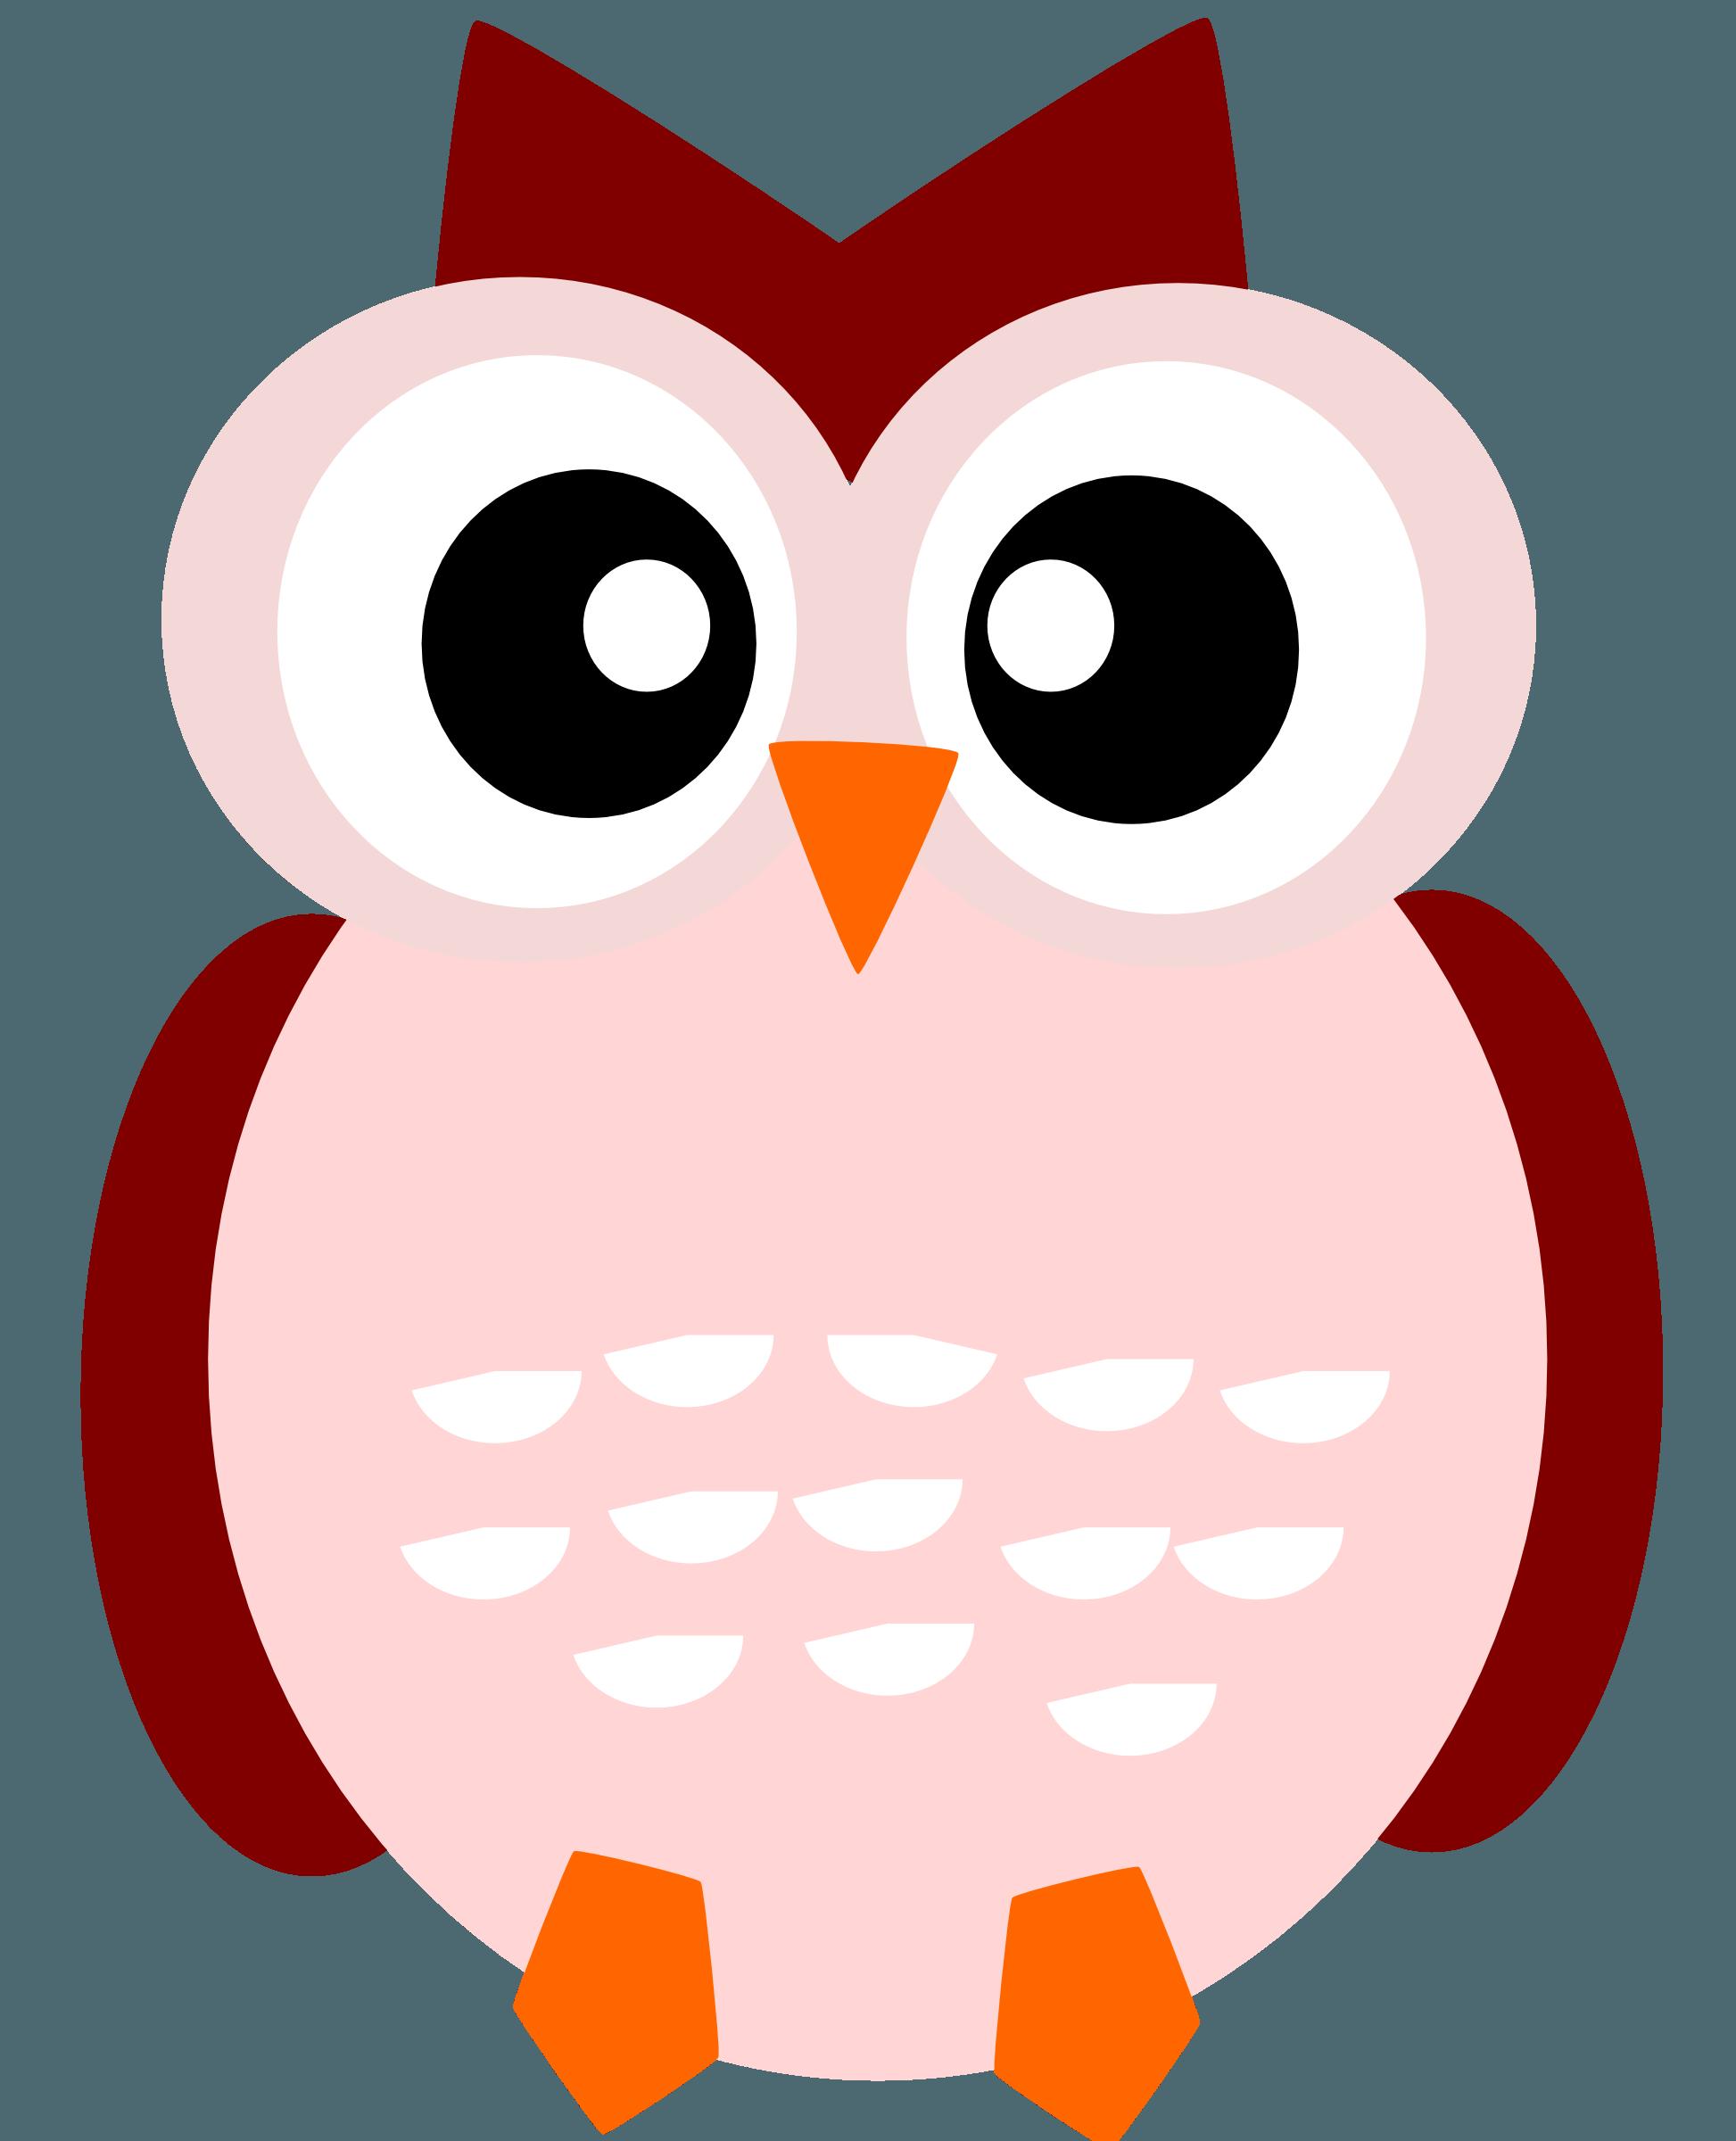 Unduh 5200 Gambar Animasi Owl Lucu Gratis Gambar Animasi